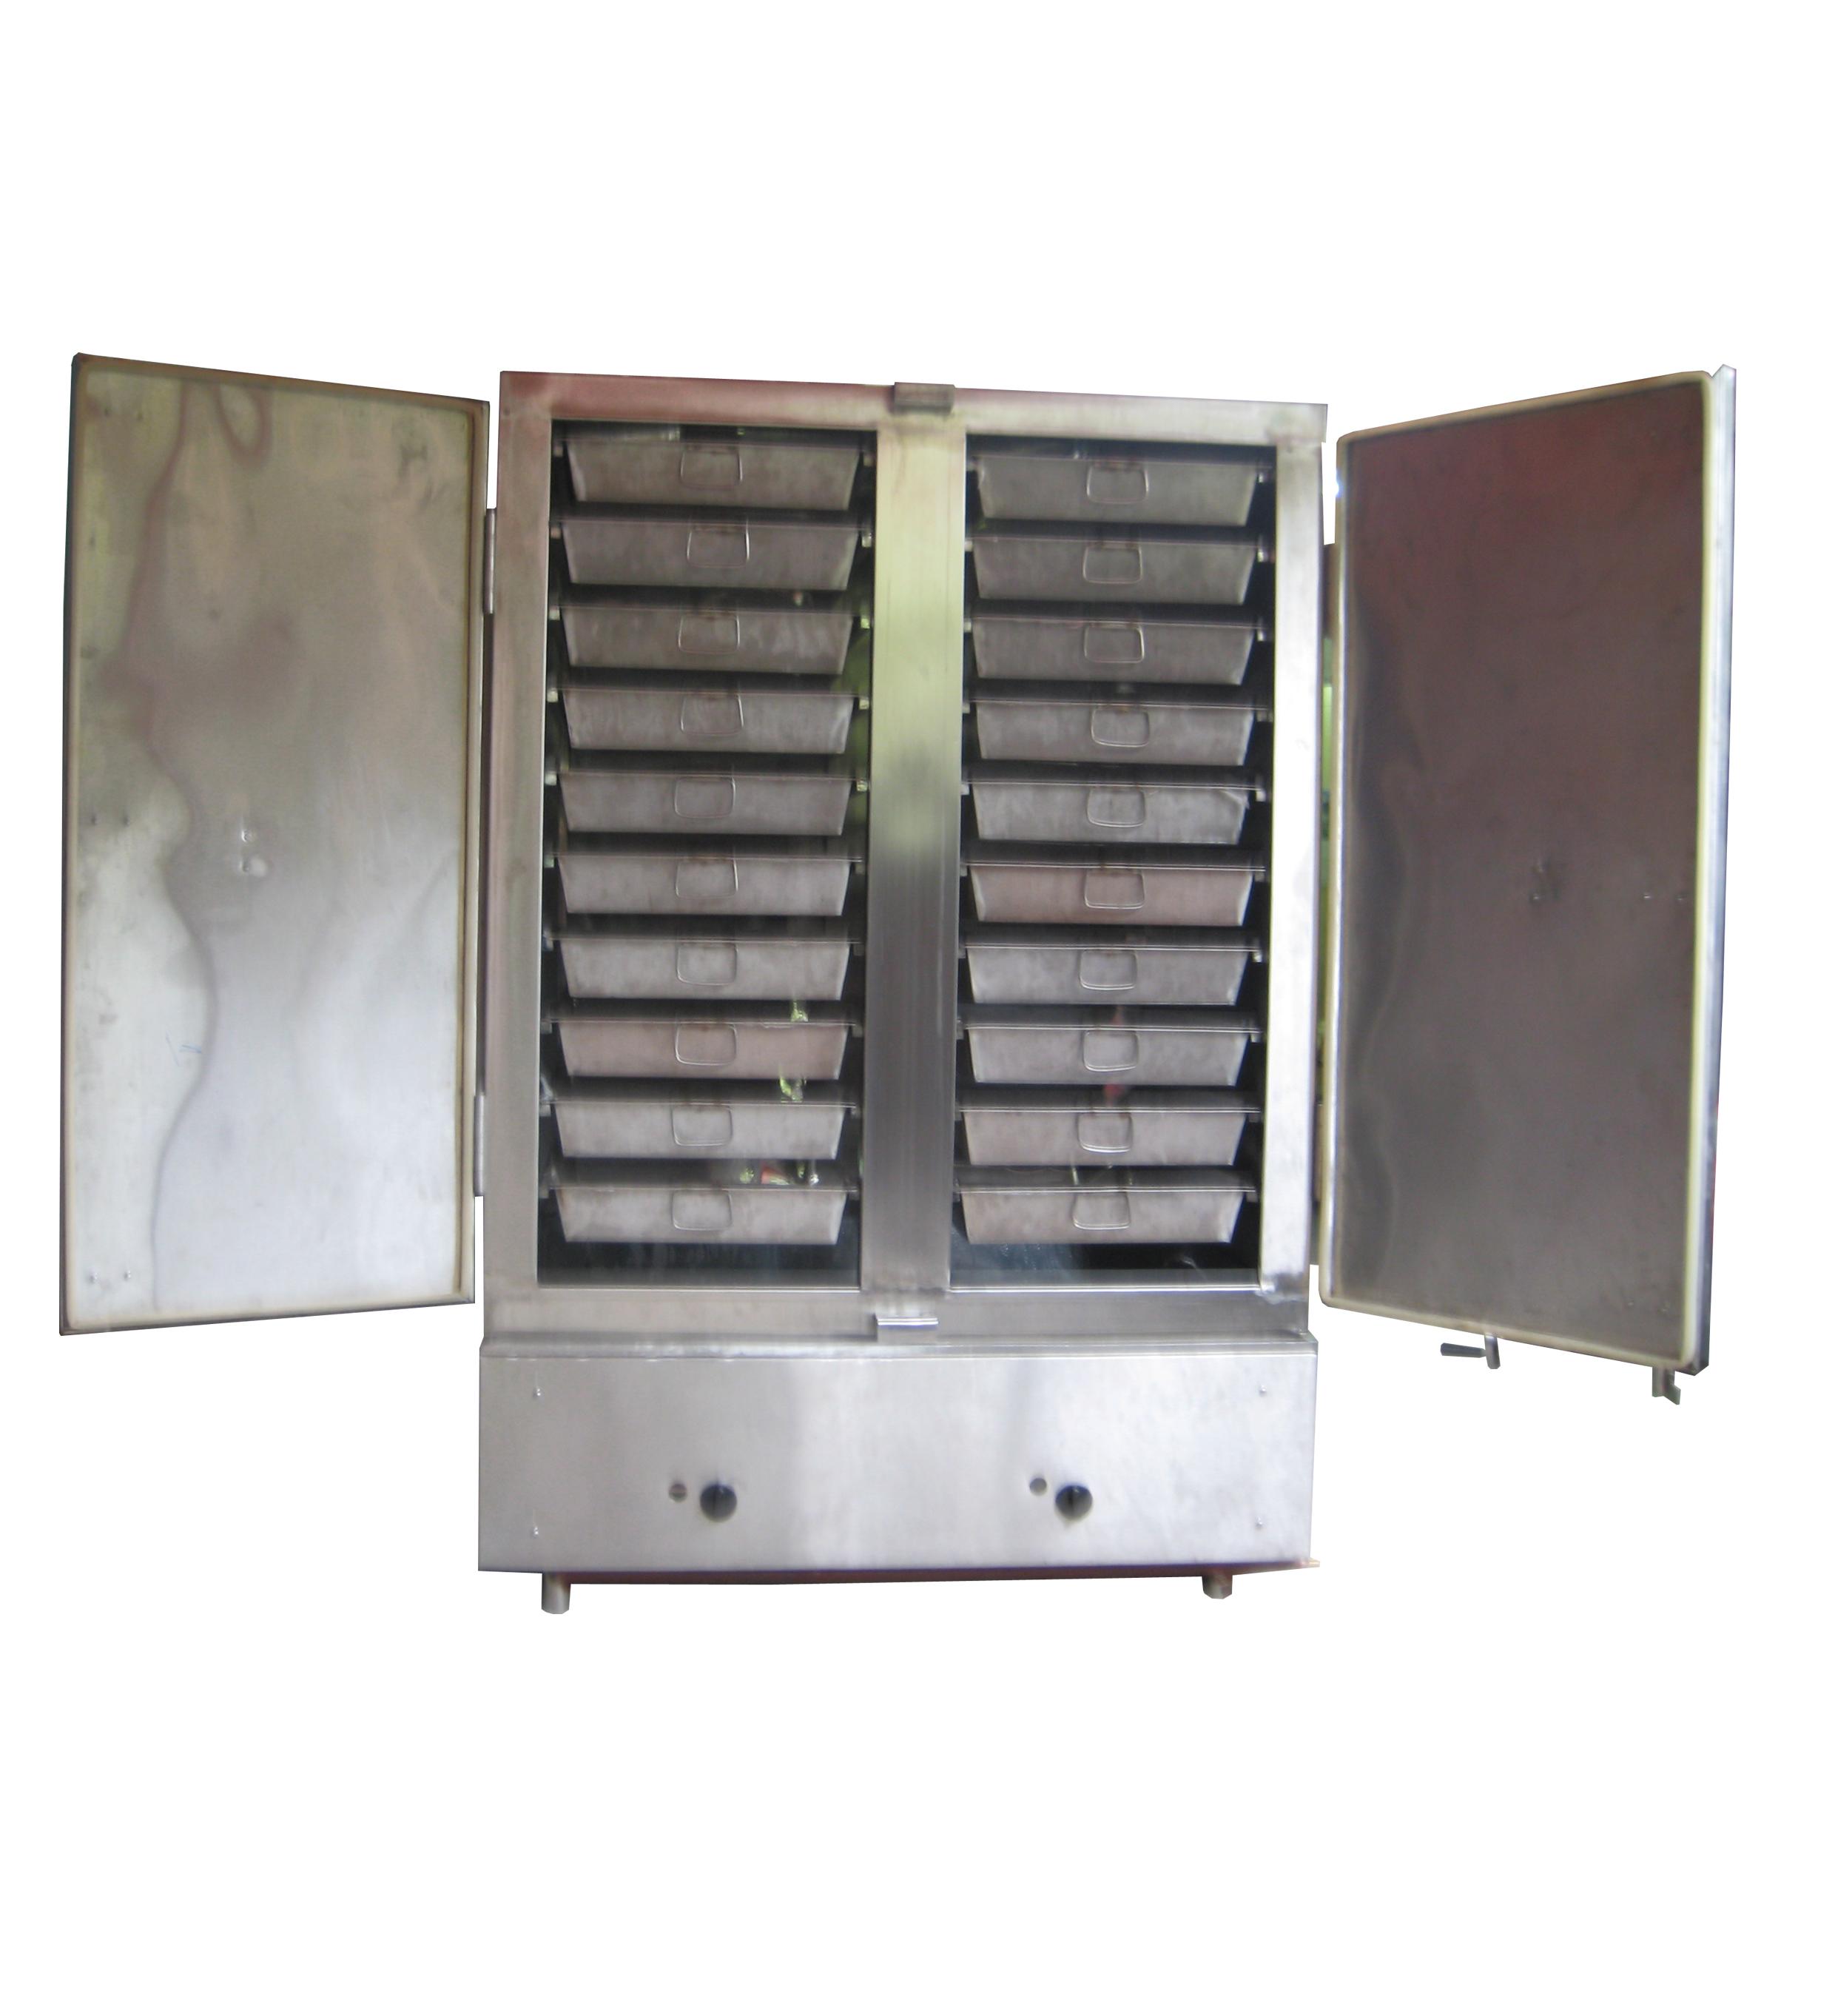 Phương thức vận hành của tủ nấu cơm công nghiệp như thế nào